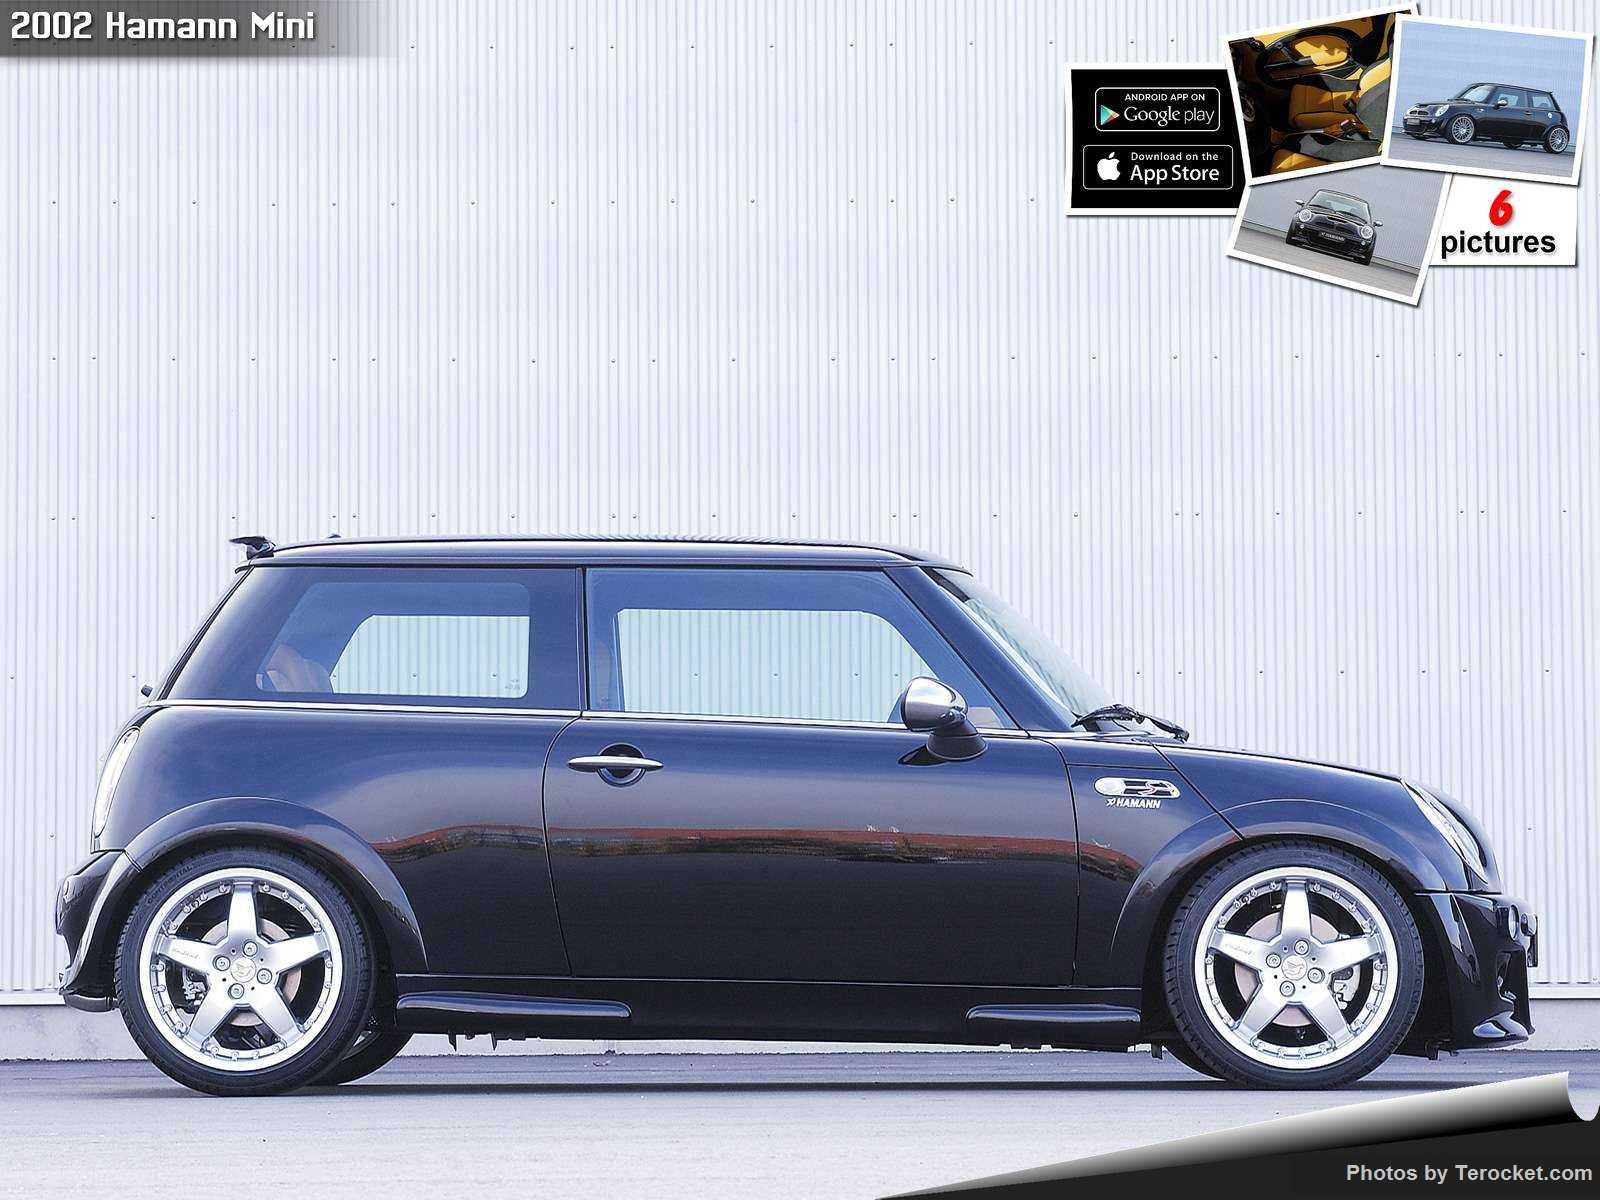 Hình ảnh xe ô tô Hamann Mini 2002 & nội ngoại thất